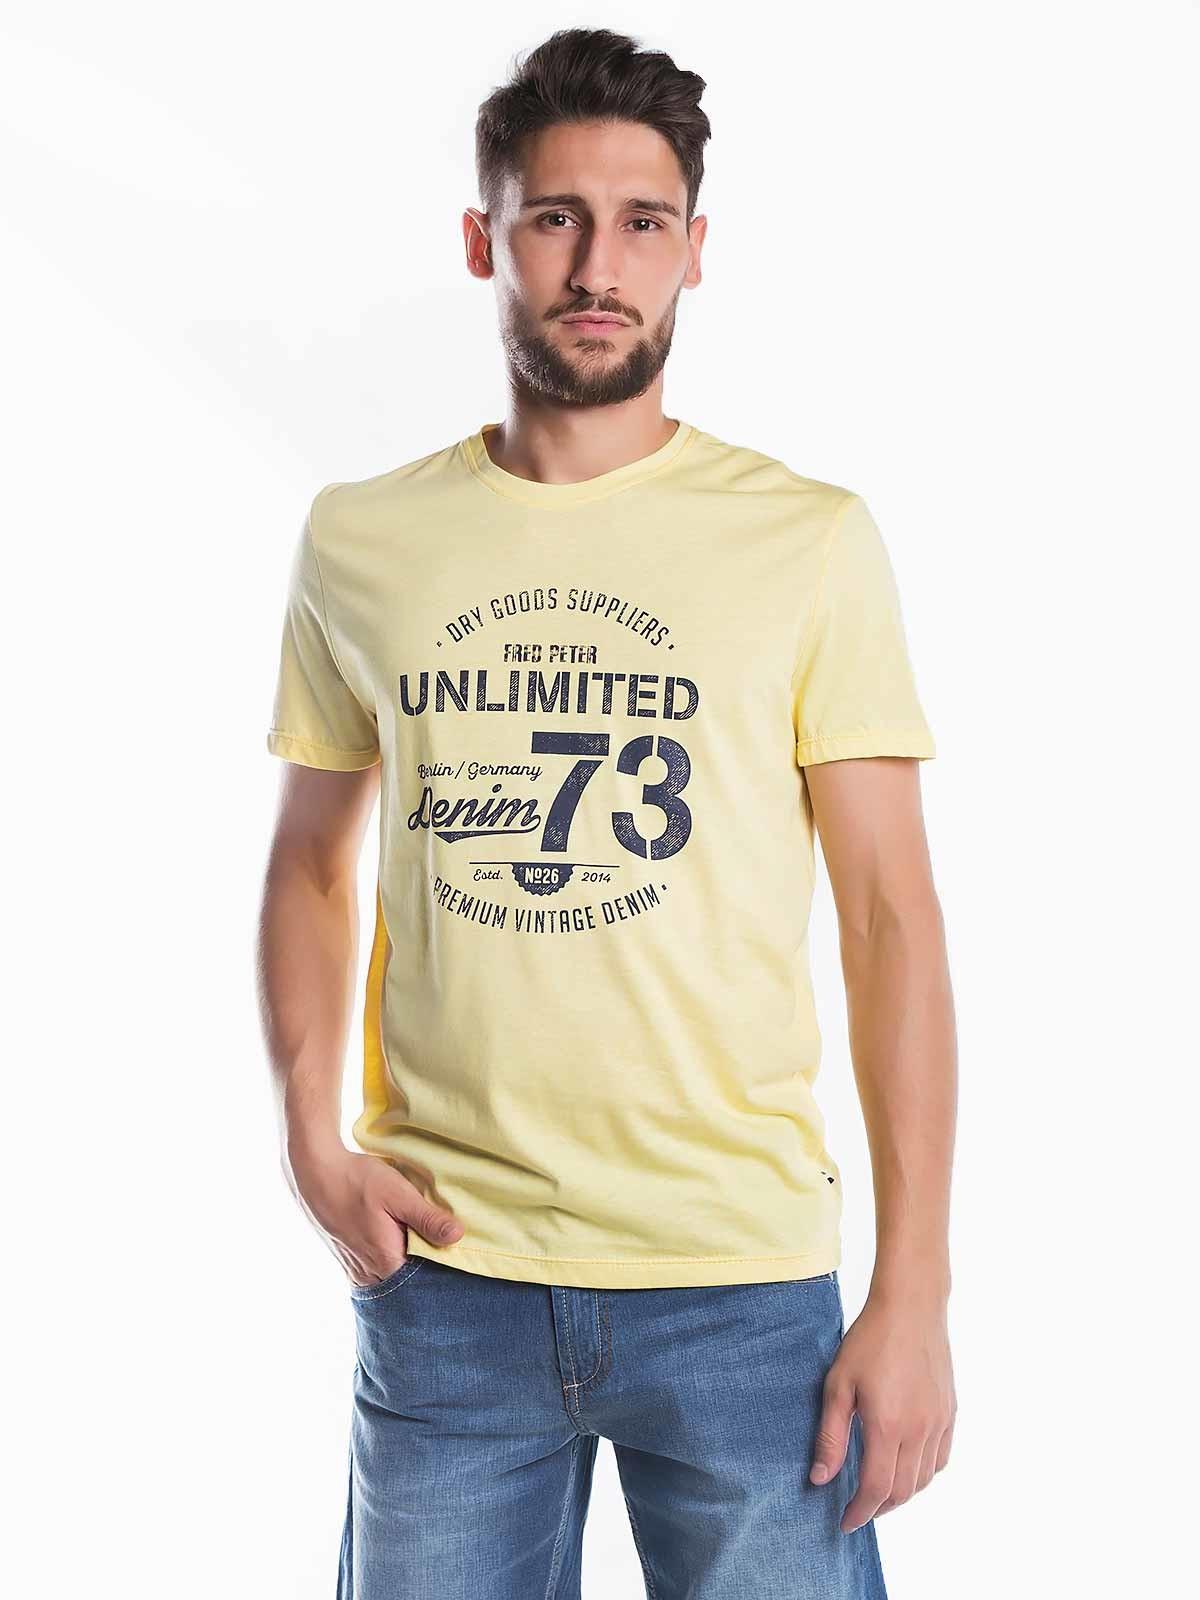 T-shirt estampada Unlimited 73